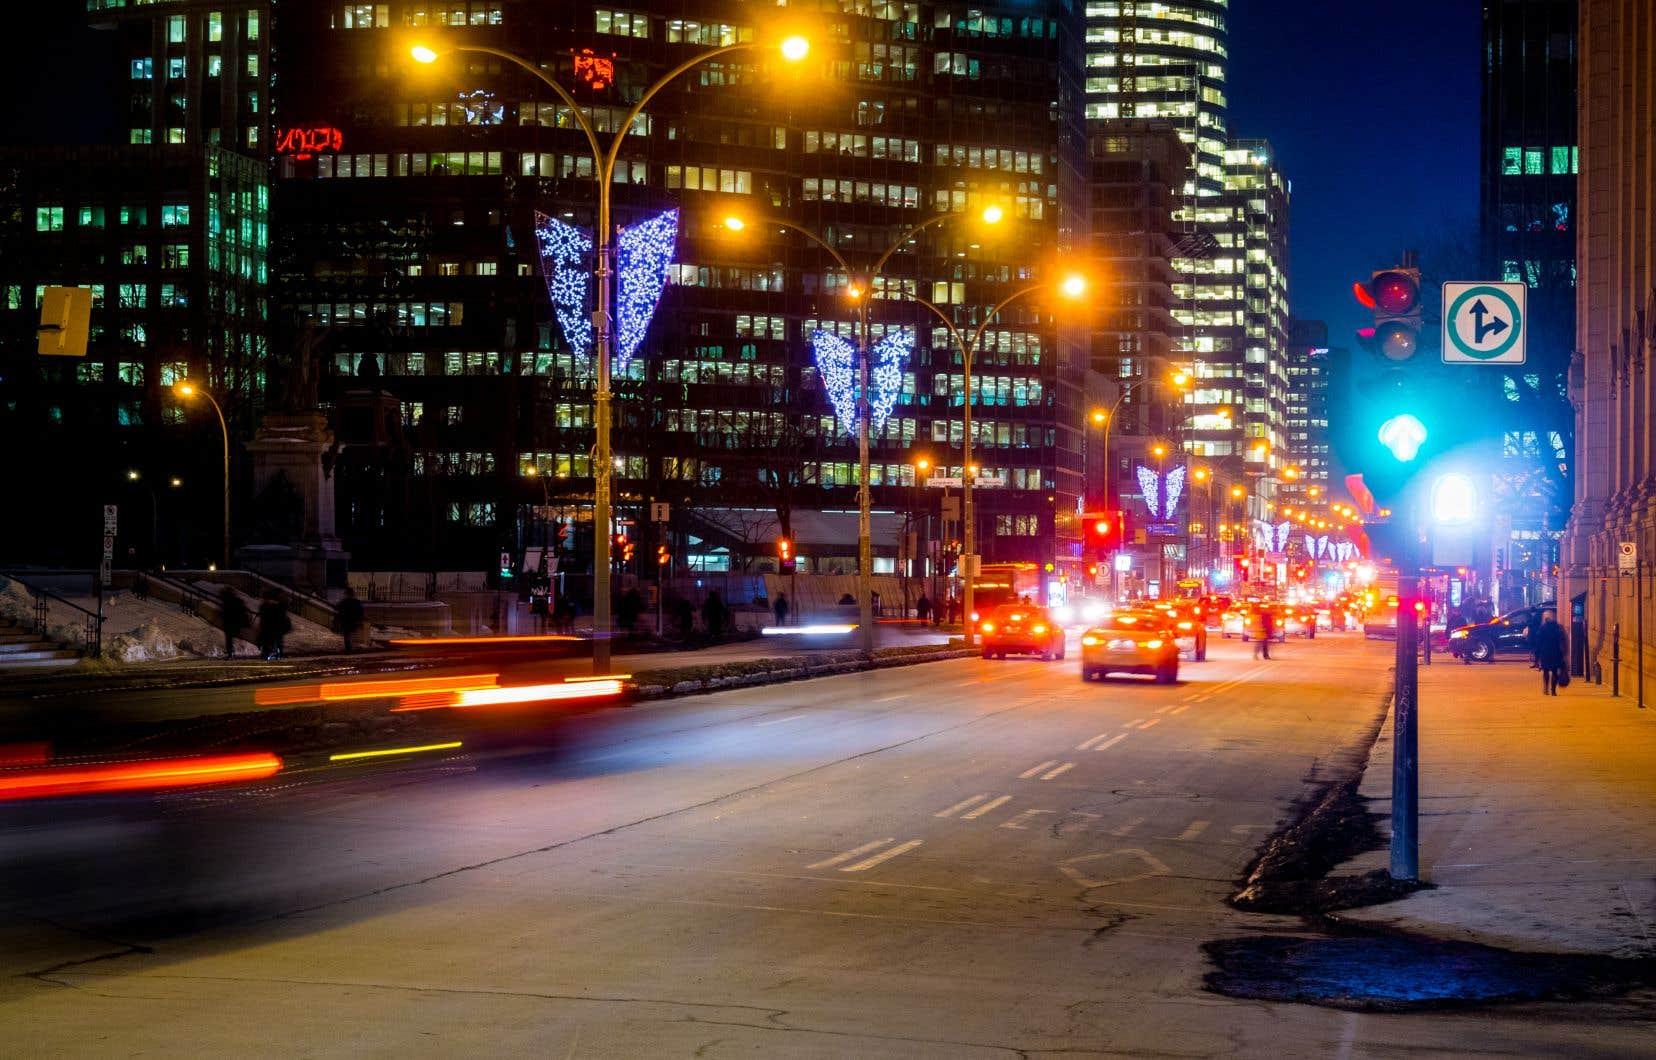 Montréal a elle-même lancé son plan de modernisation des luminaires en octobre 2017. Ce plan respecte les principales recommandations de l'International Dark-Sky Association (IDSA), qui visent à réduire la pollution lumineuse.